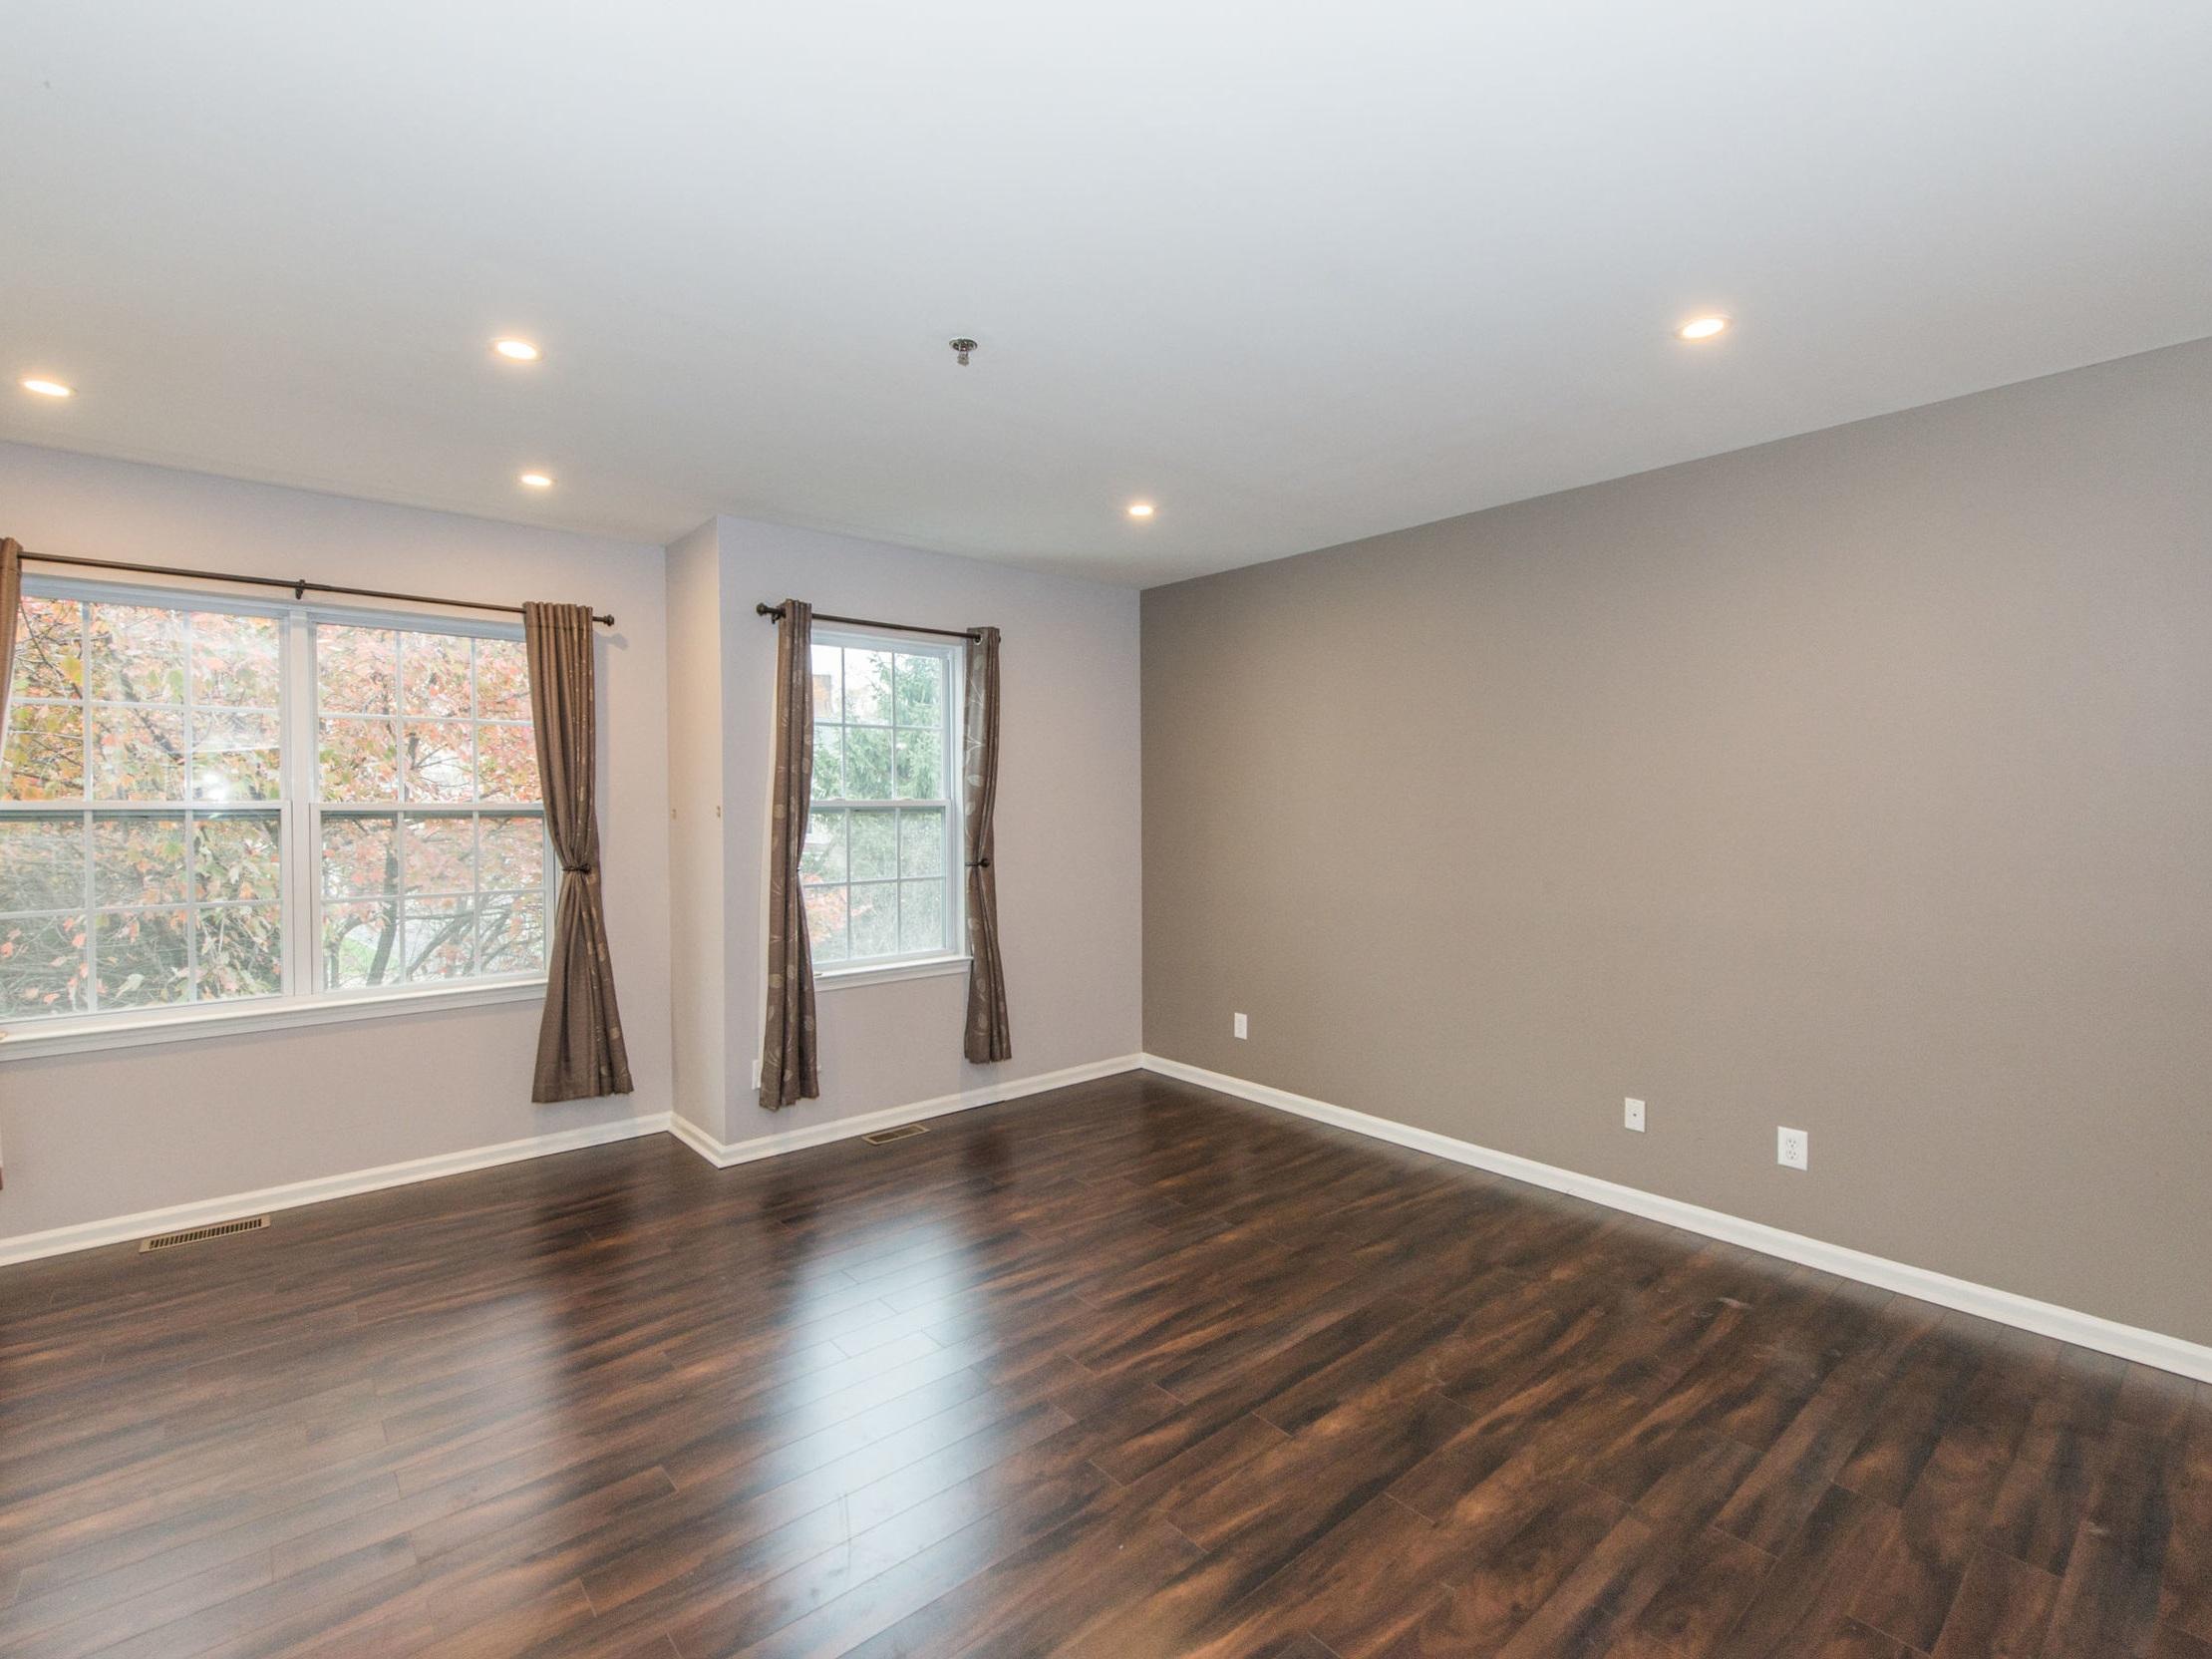 condo+bedroom+empty.jpg